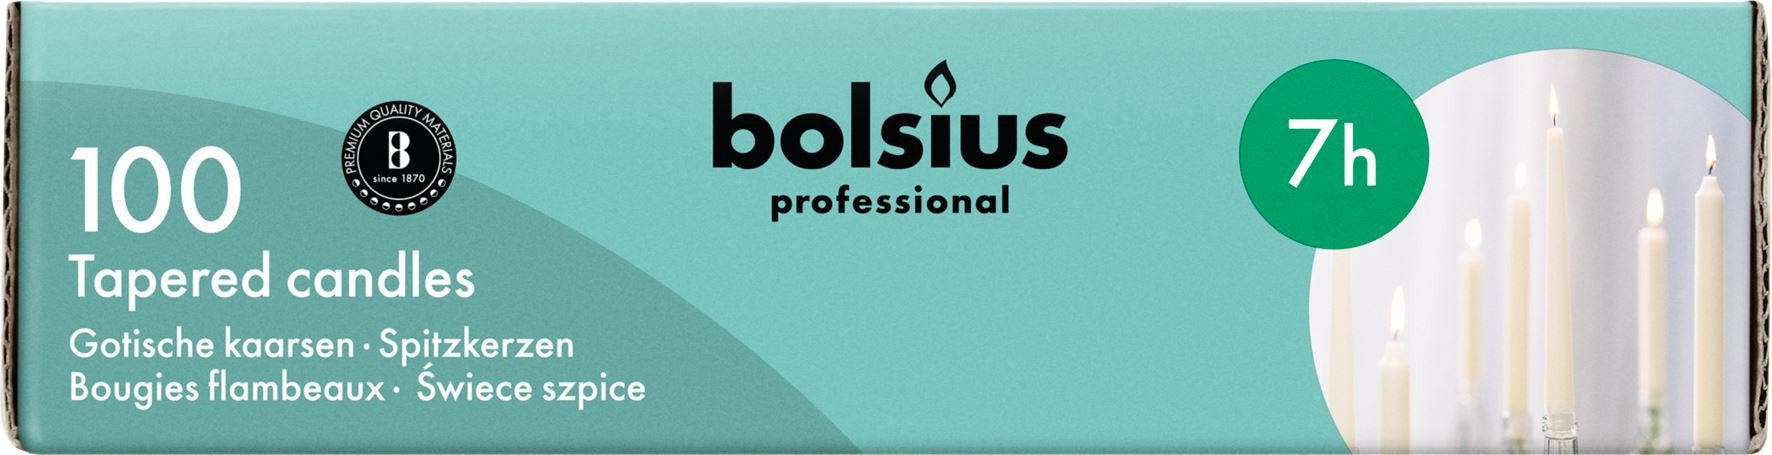 Bolsius | VOORDEELVERPAKKING | Gotische kaarsen | Wit | 200 stuks